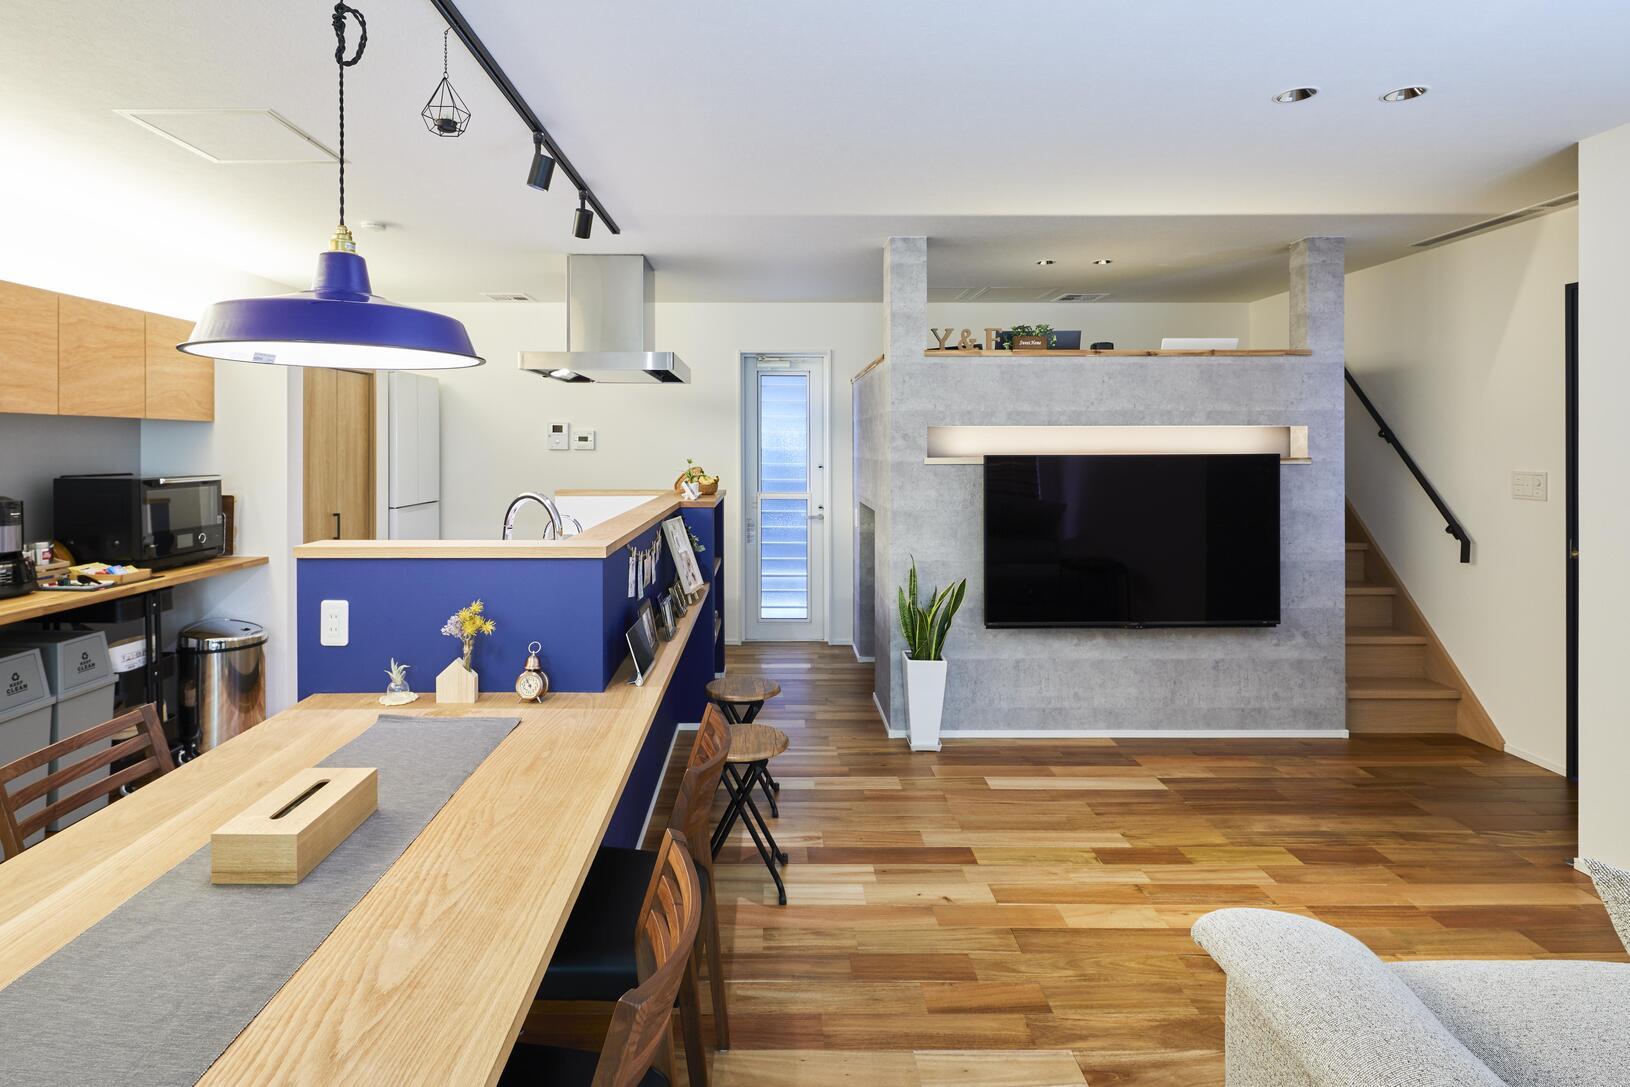 壁掛けテレビの上部に間接照明を設置。シンプルモダンな雰囲気を醸し出している